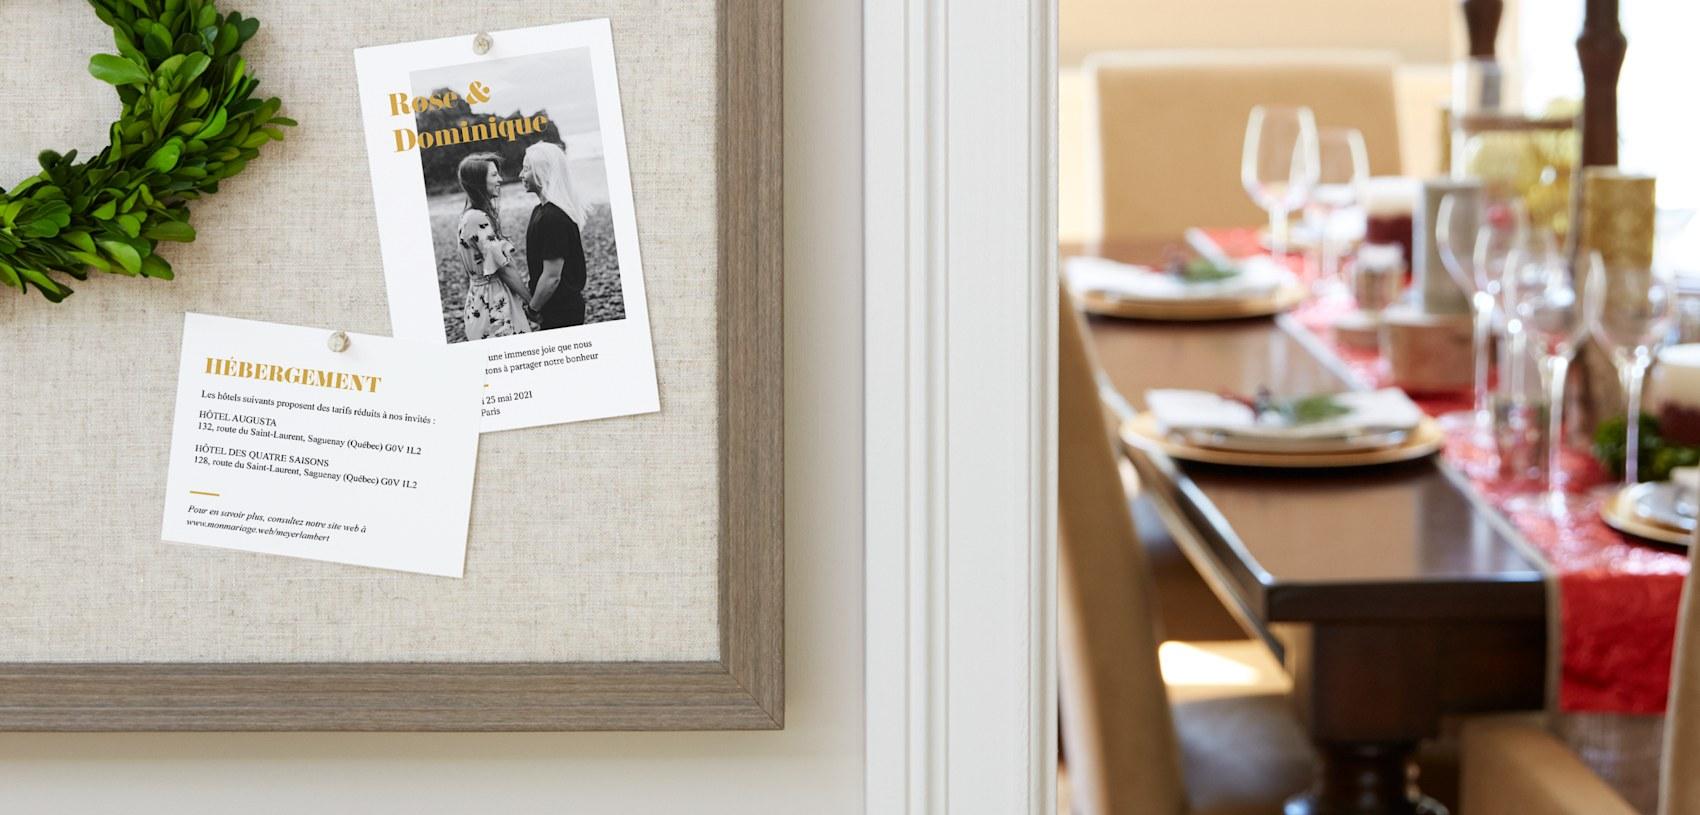 cartons d'accompagnement de mariage avec photo et texte doré